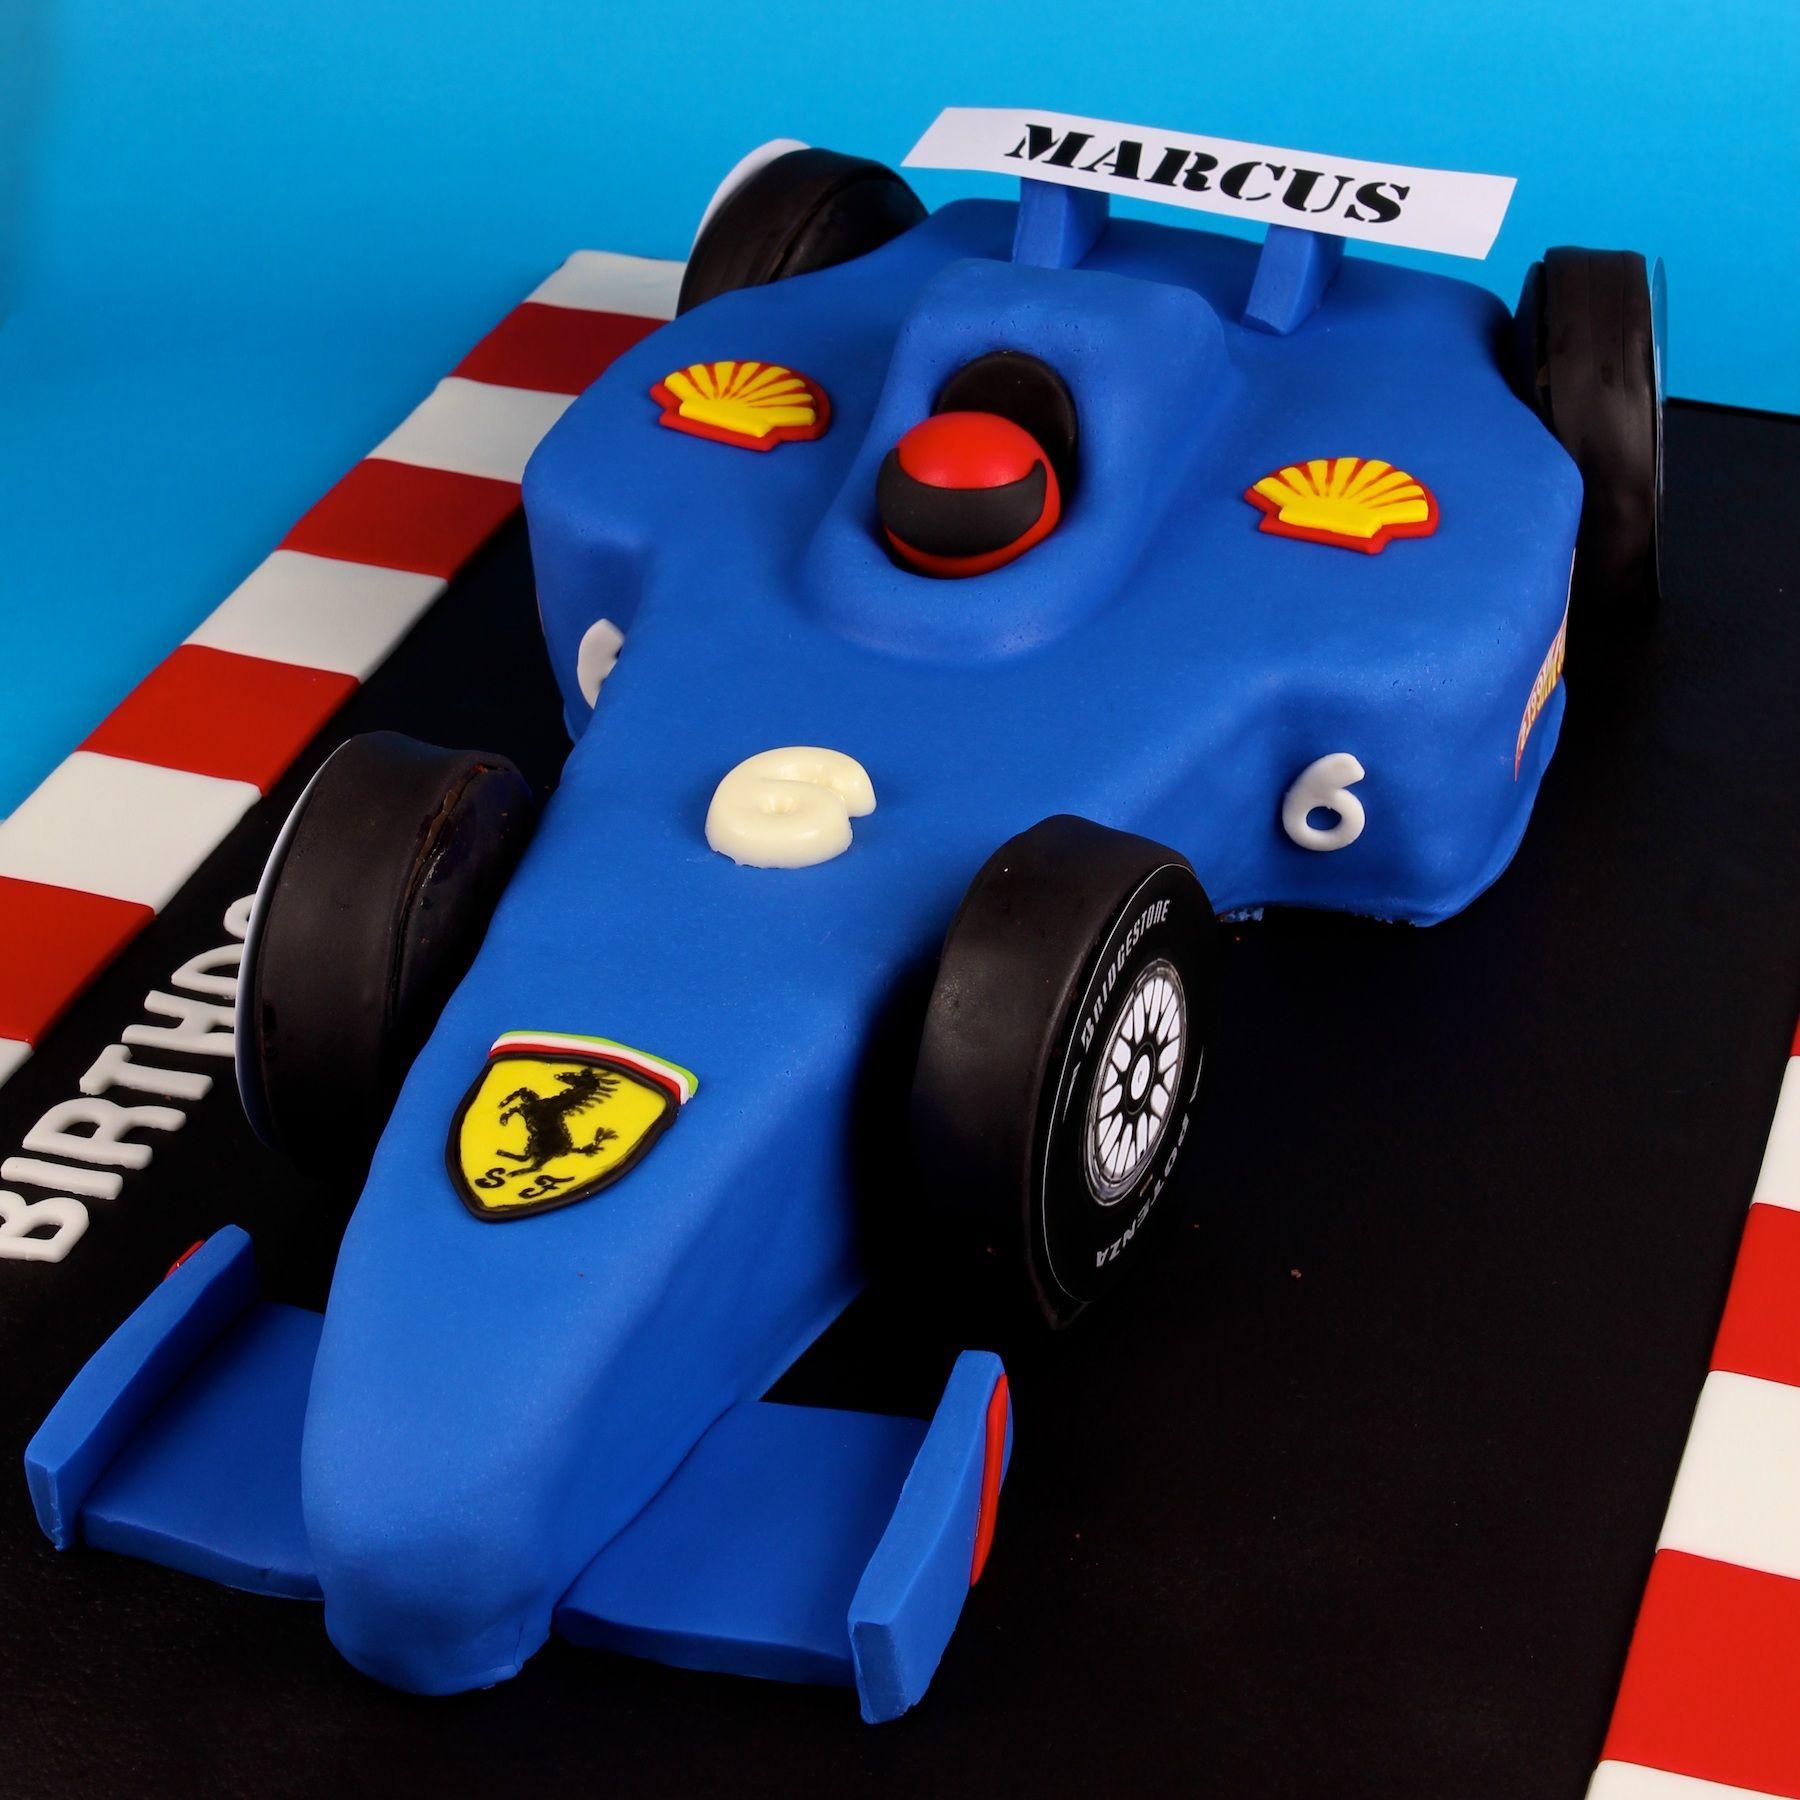 Race car cake formula 1 cake formula one cake cakes pinterest race car cake formula 1 cake formula one cake baditri Gallery